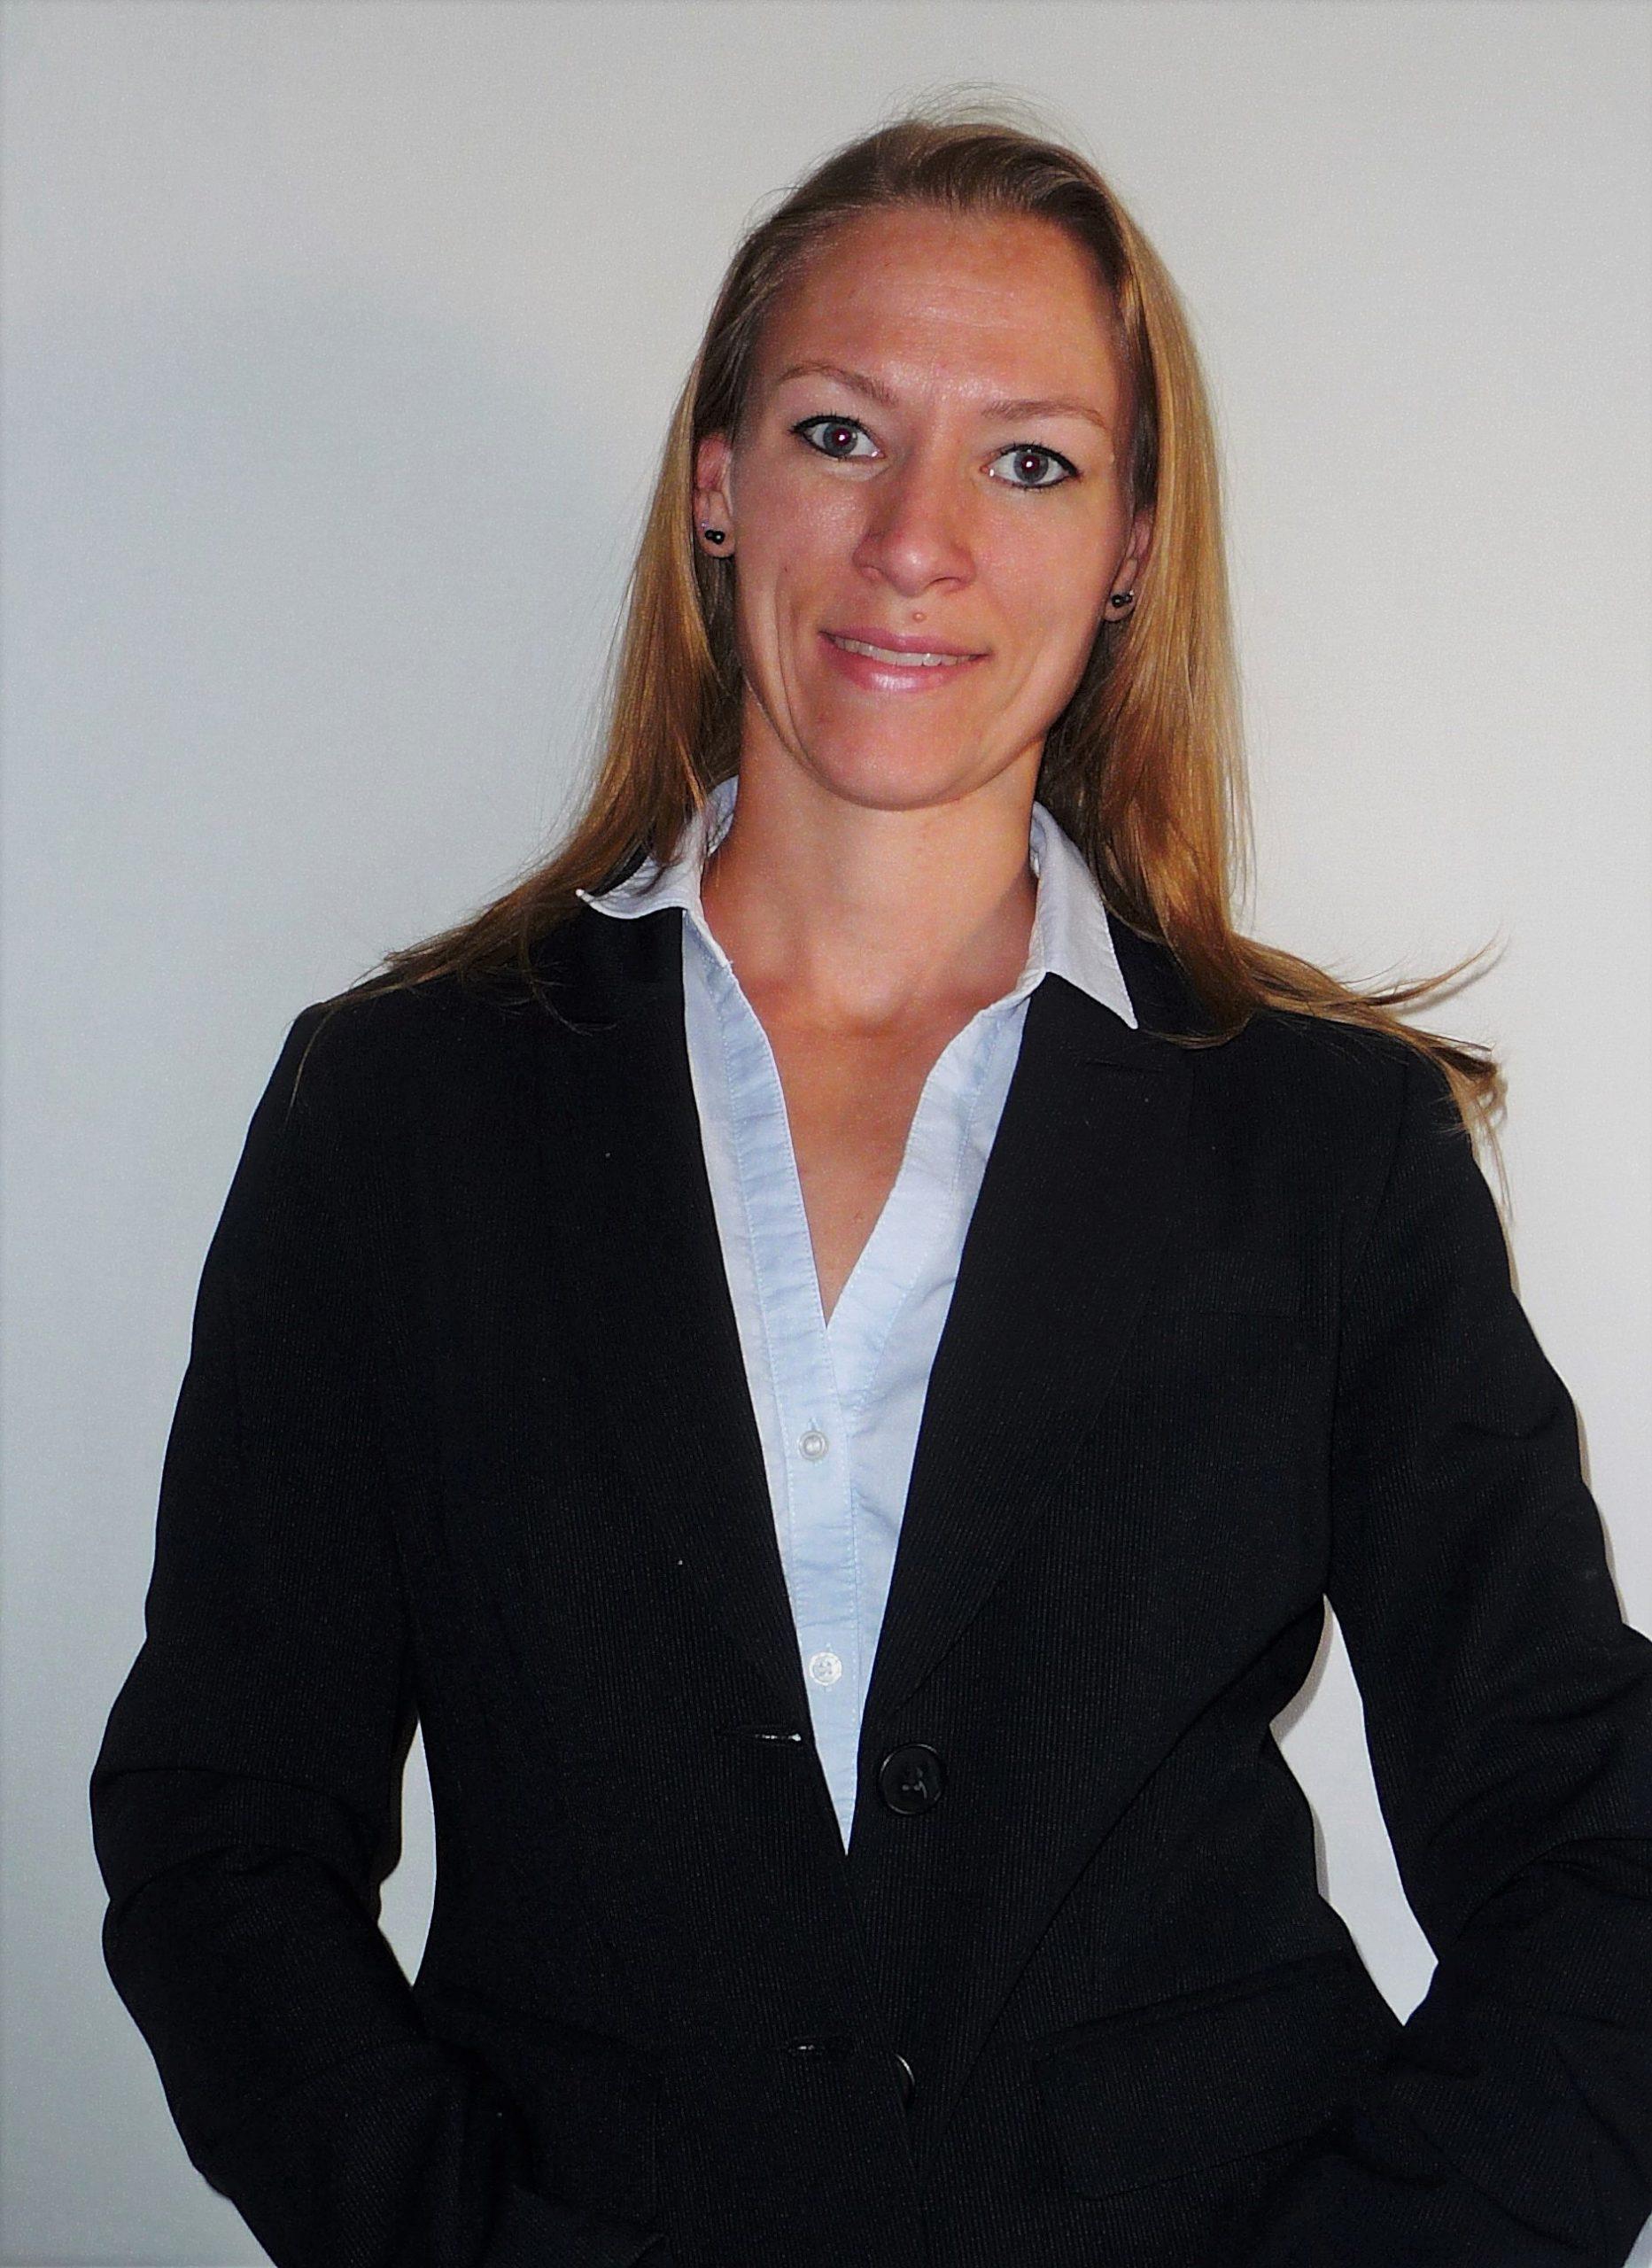 Martina Mayer